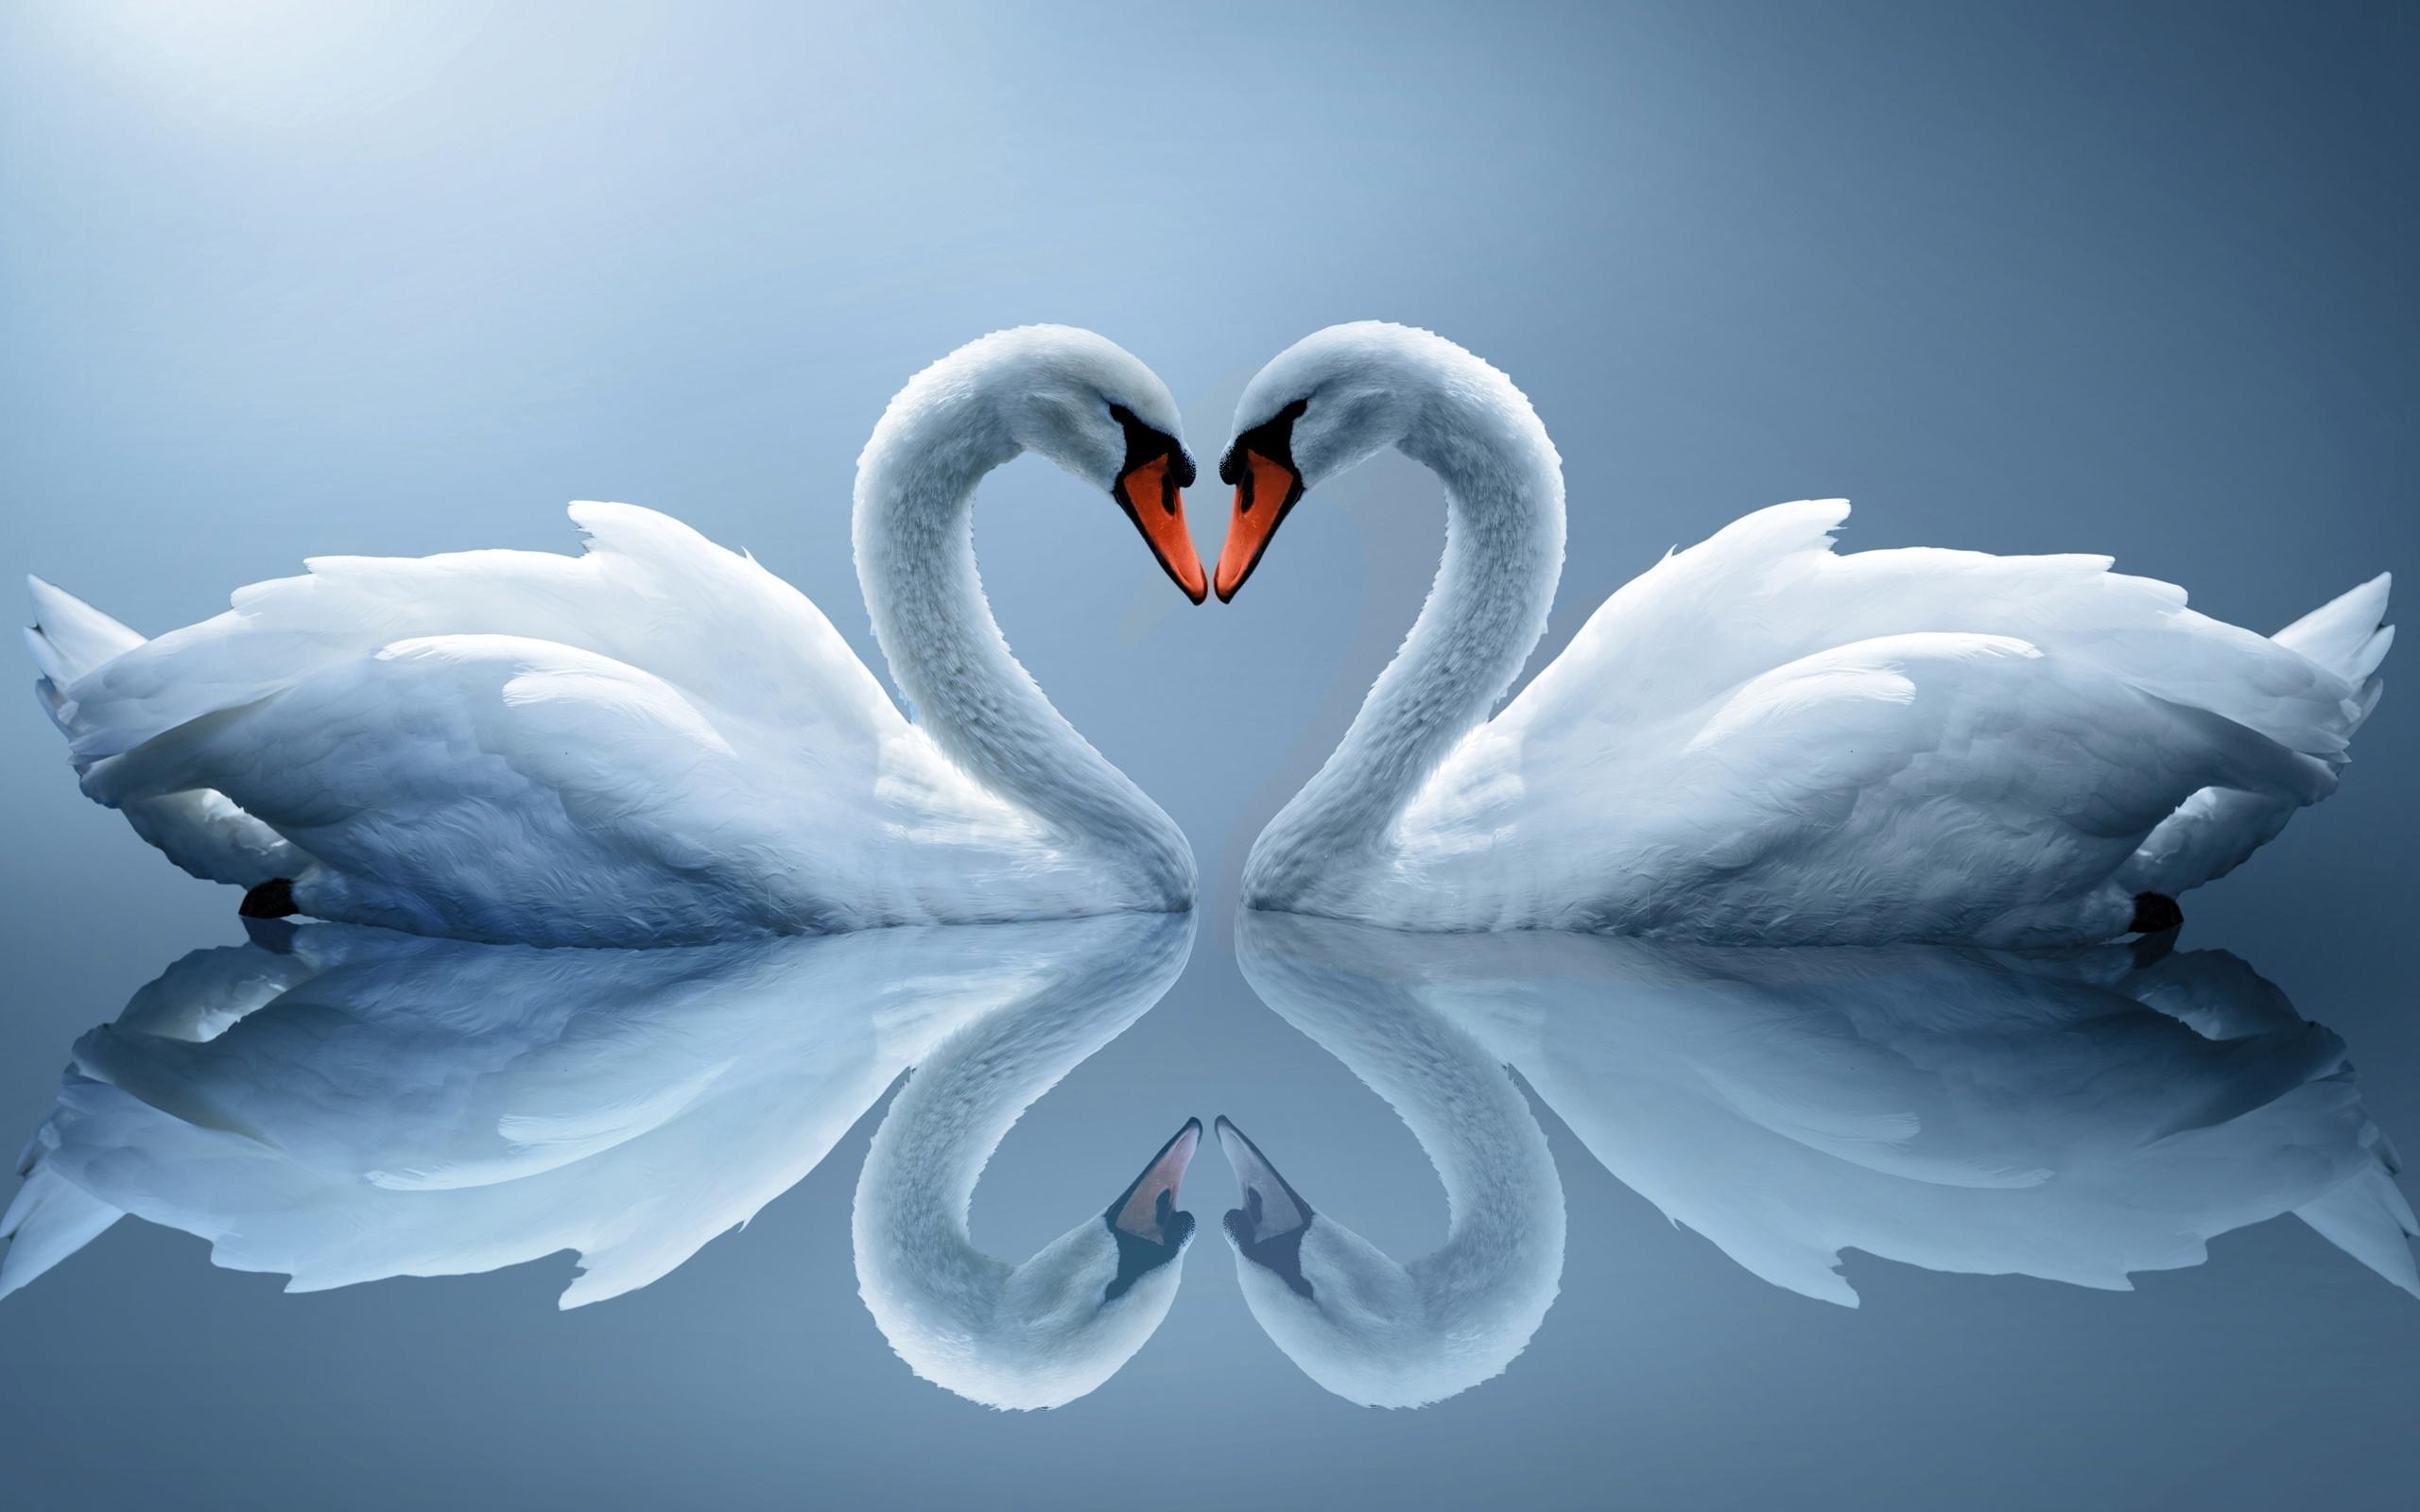 Счастья открытках, открытки красивые с лебедями